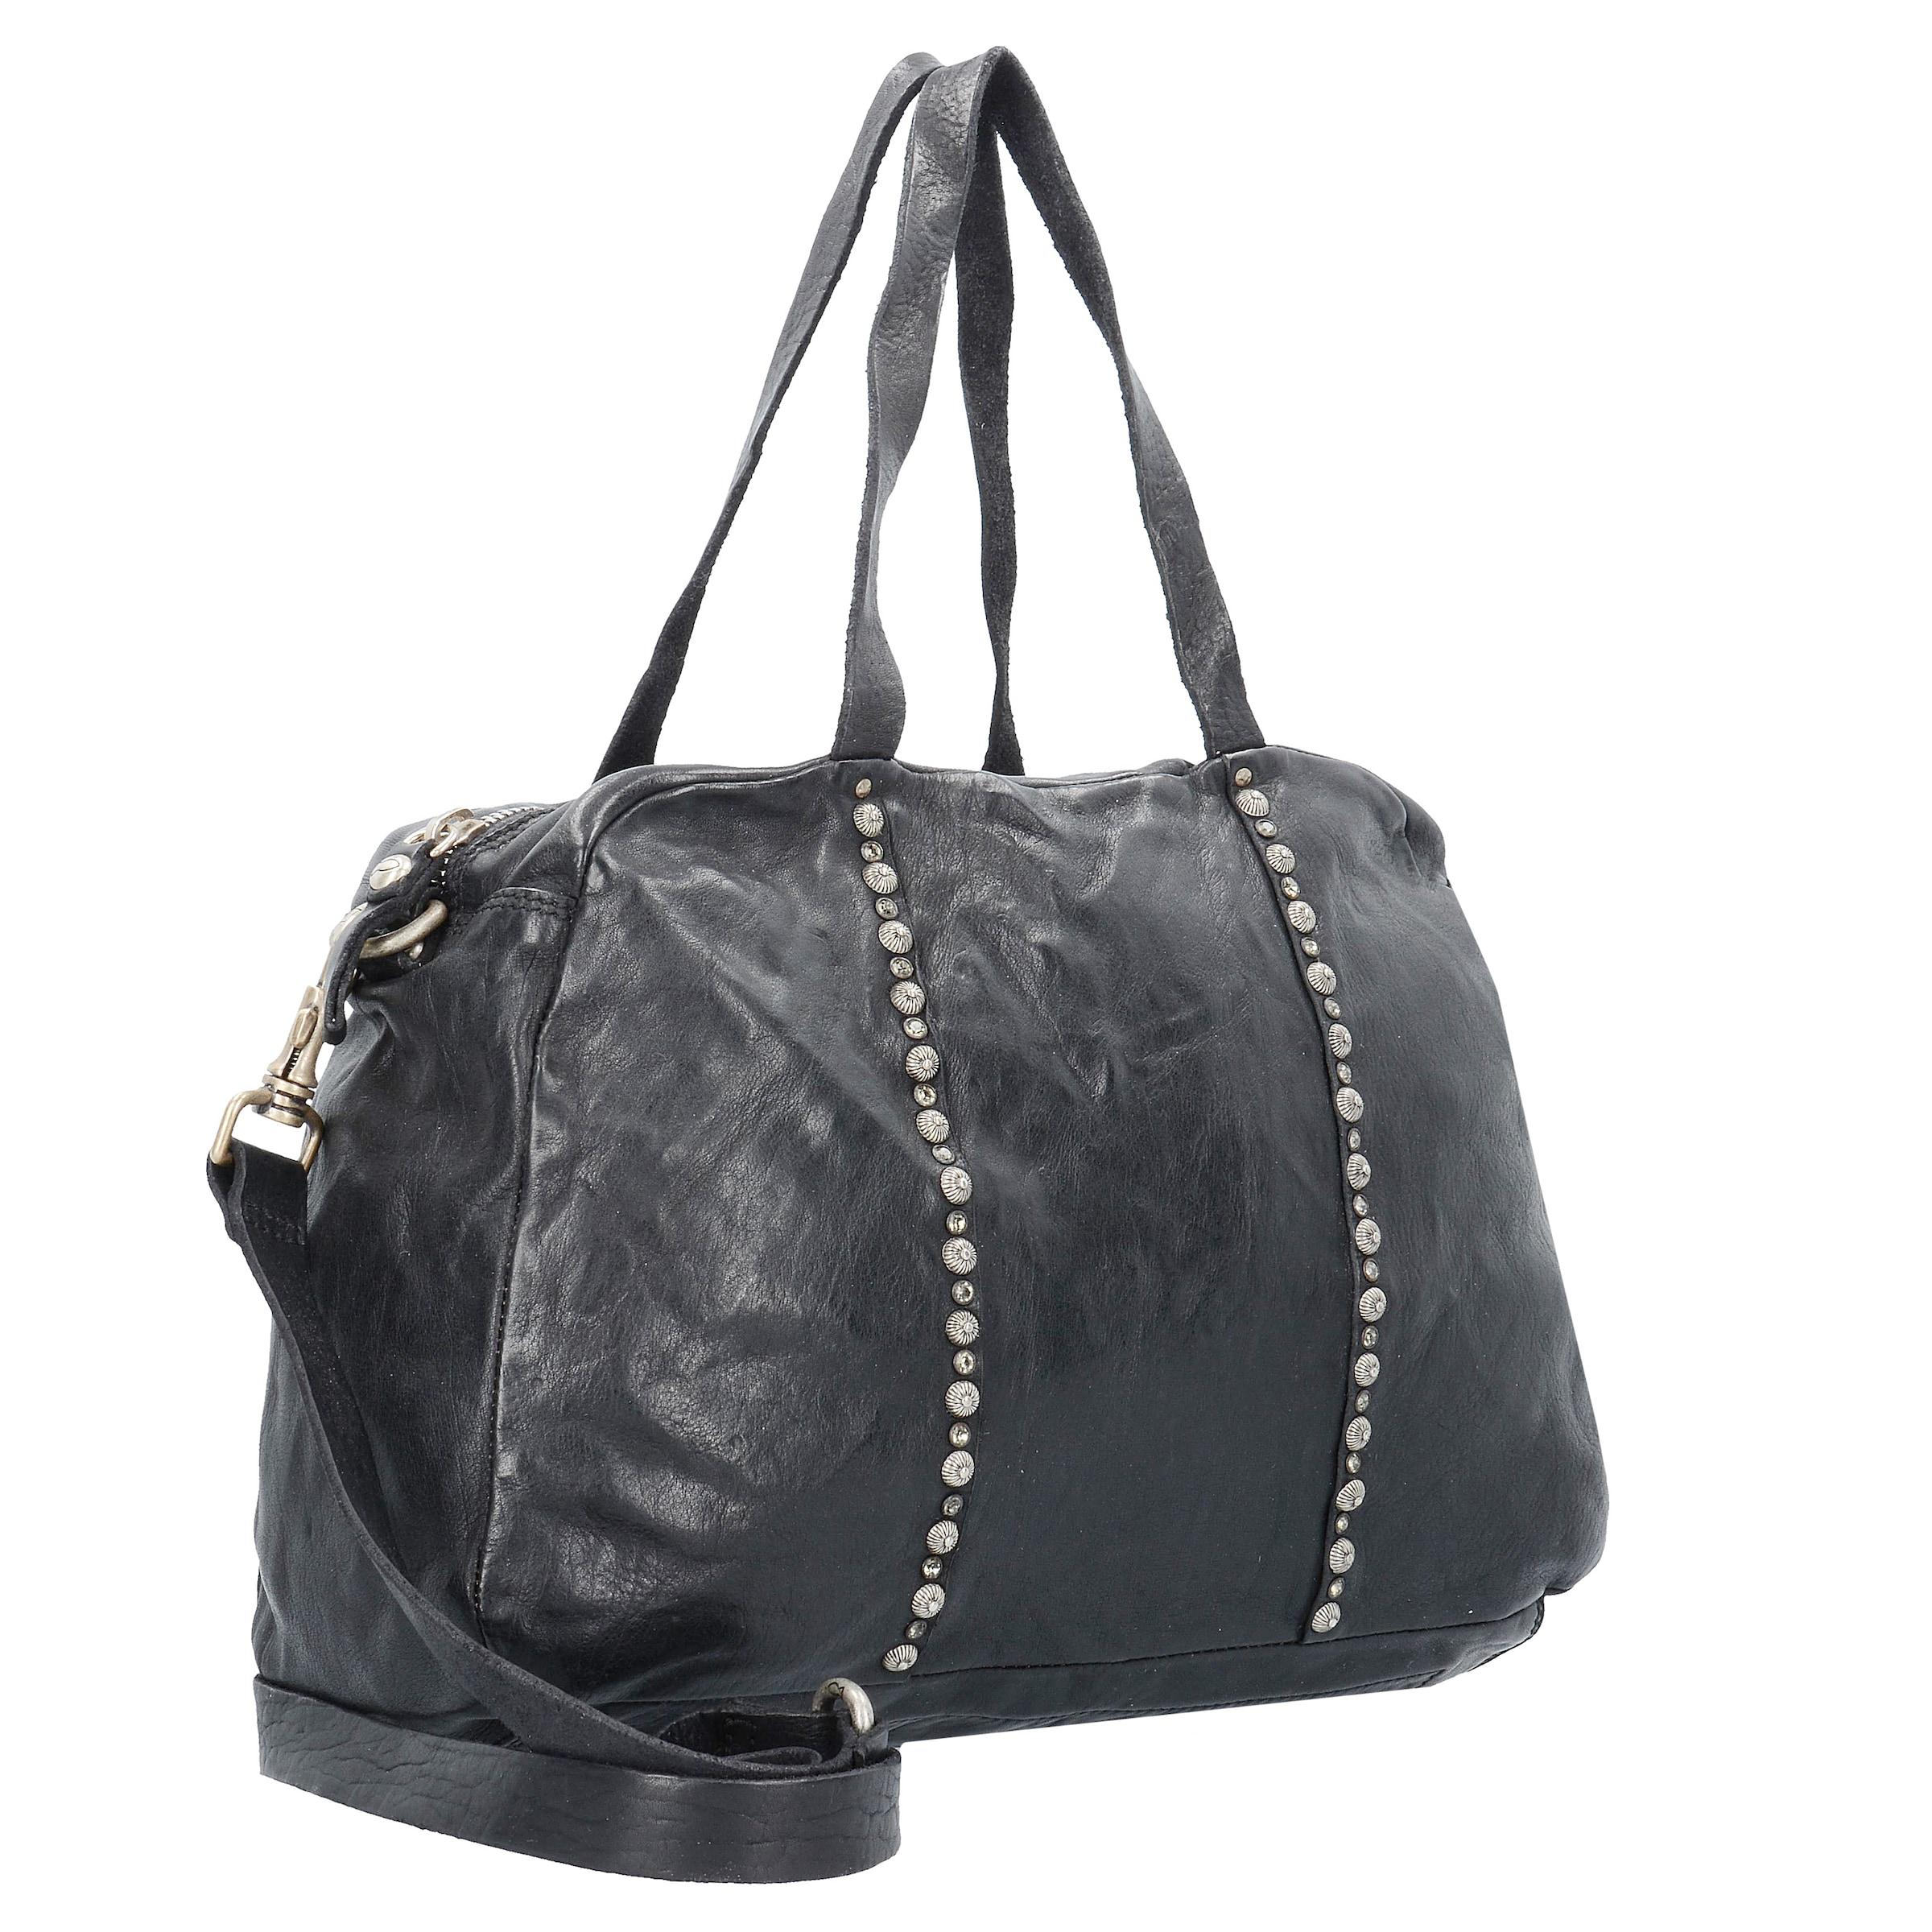 Campomaggi Traditional Damiana Handtasche Leder 38 cm Verkauf Browse Kaufladen Die Besten Preise Günstig Online Neuesten Kollektionen Zu Verkaufen Freies Verschiffen Sehr Billig UStNdvL